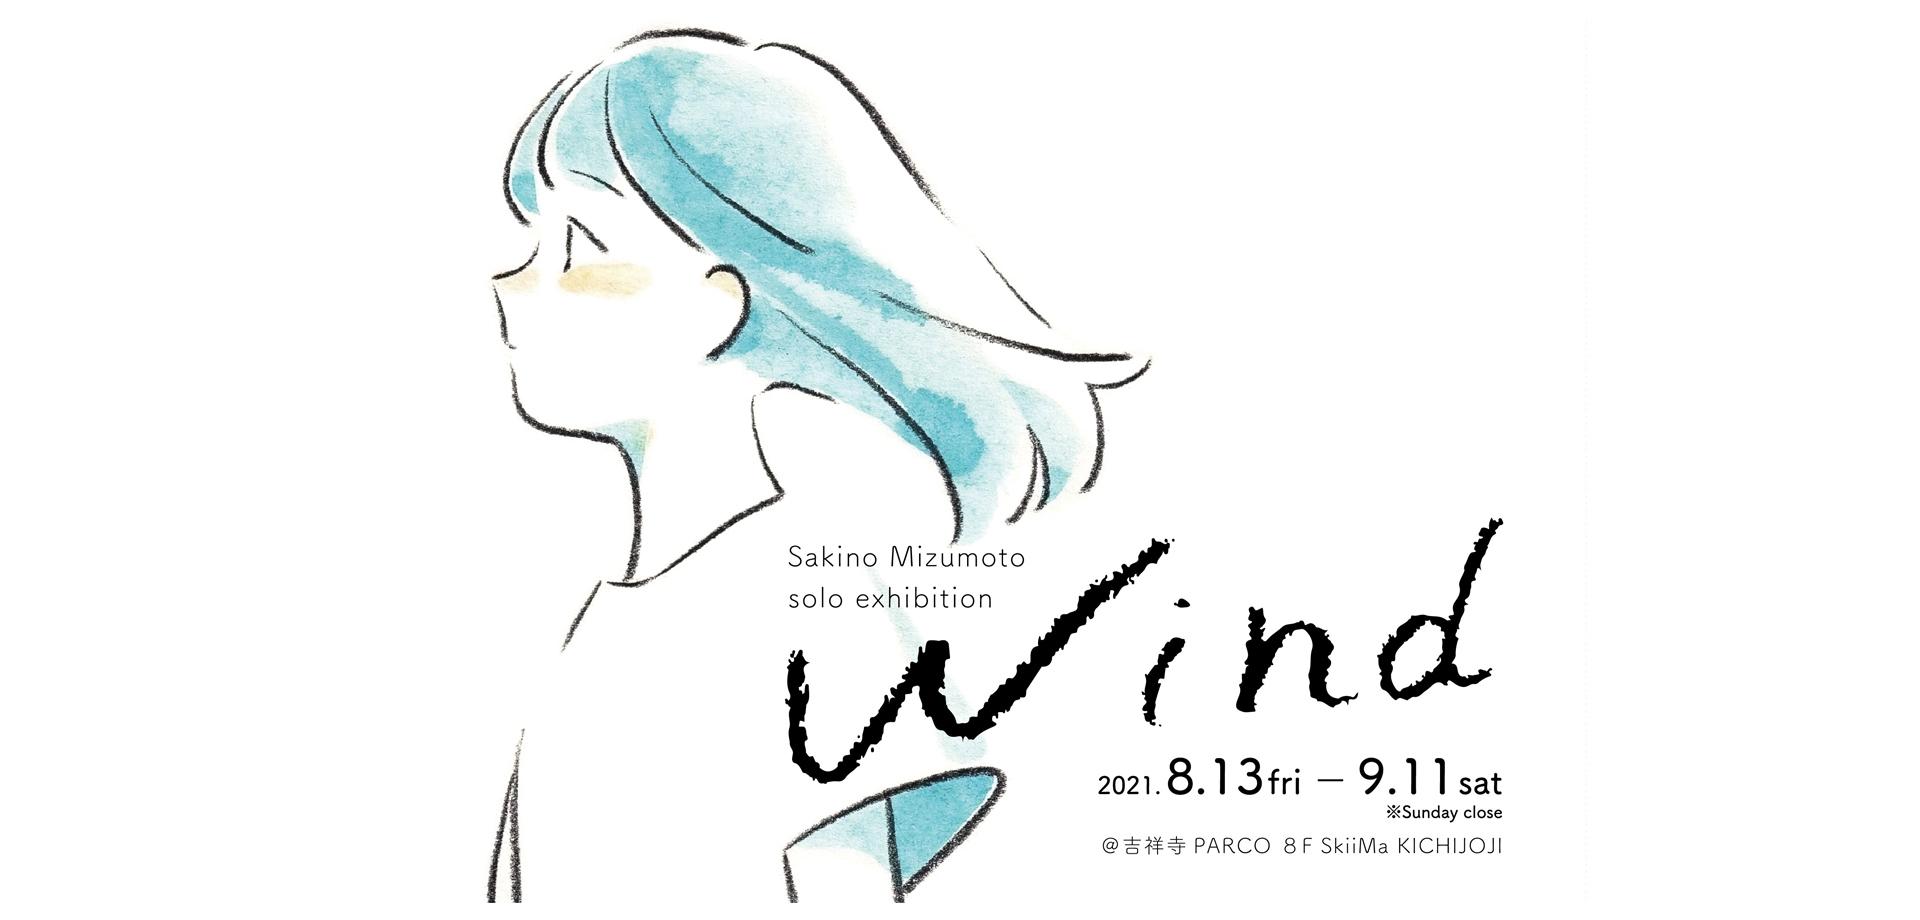 水元さきの solo exhibition『 Wind 』吉祥寺PARCO